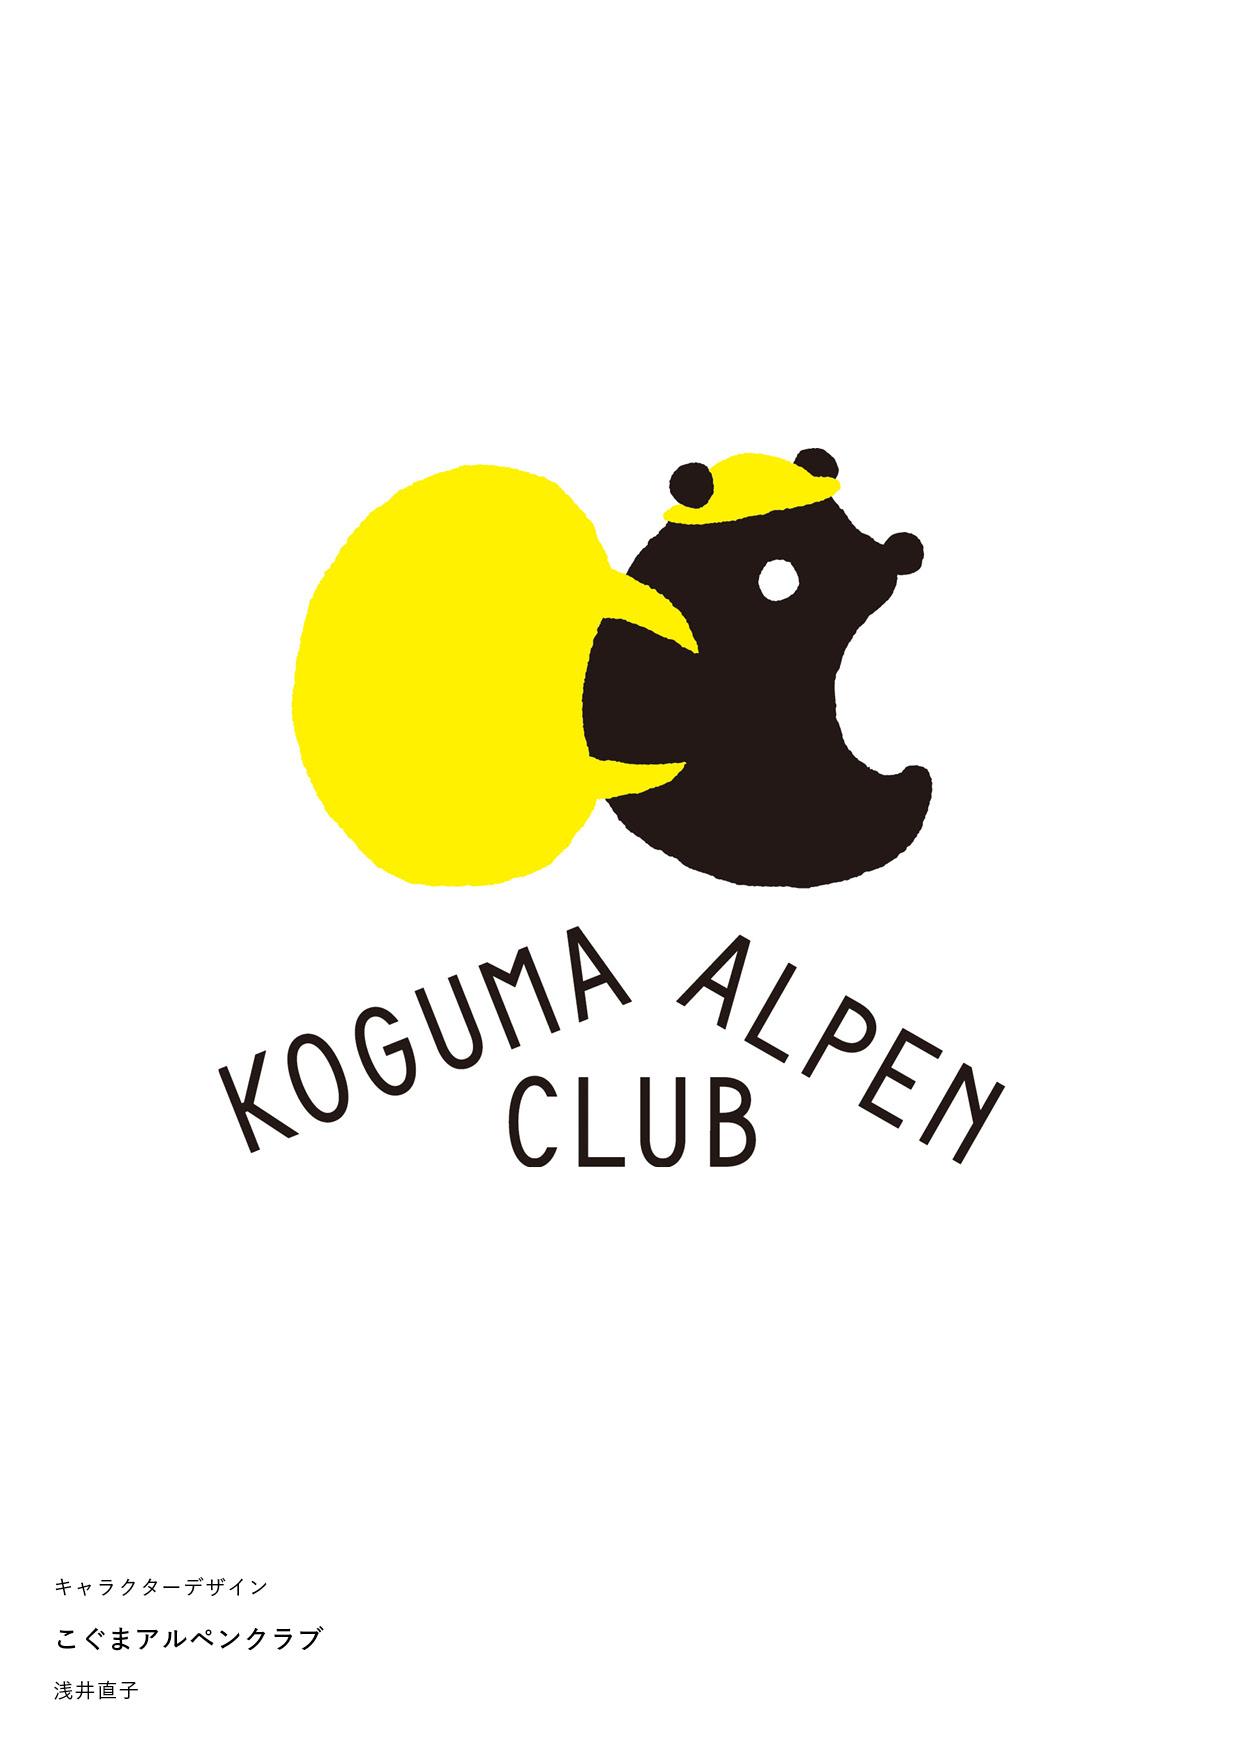 こぐまアルペンクラブ